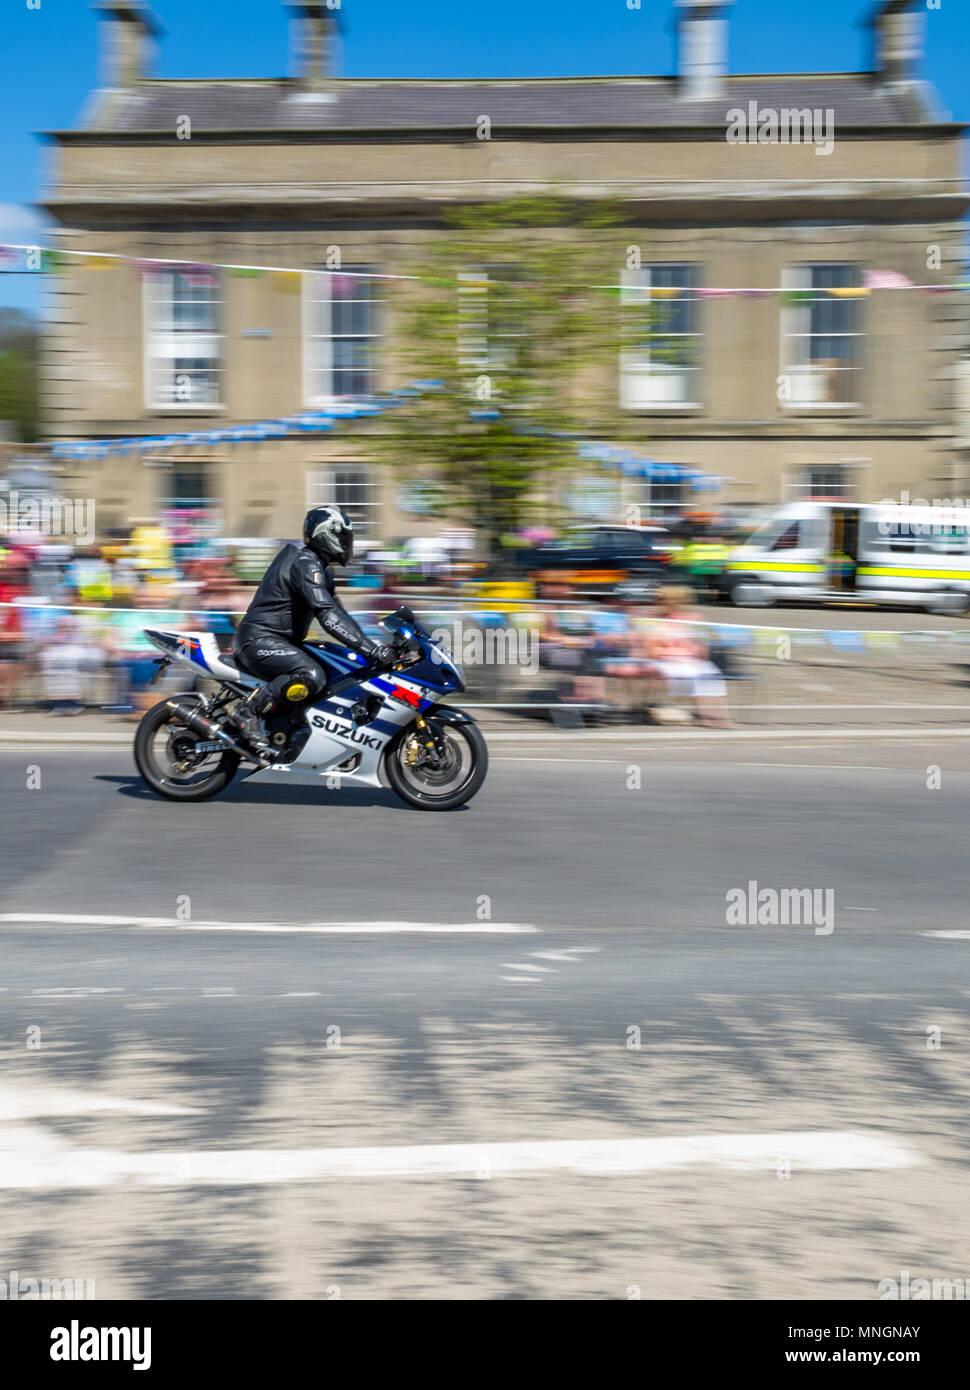 Suzuki motorbike being ridden through a yorkshire market town. - Stock Image